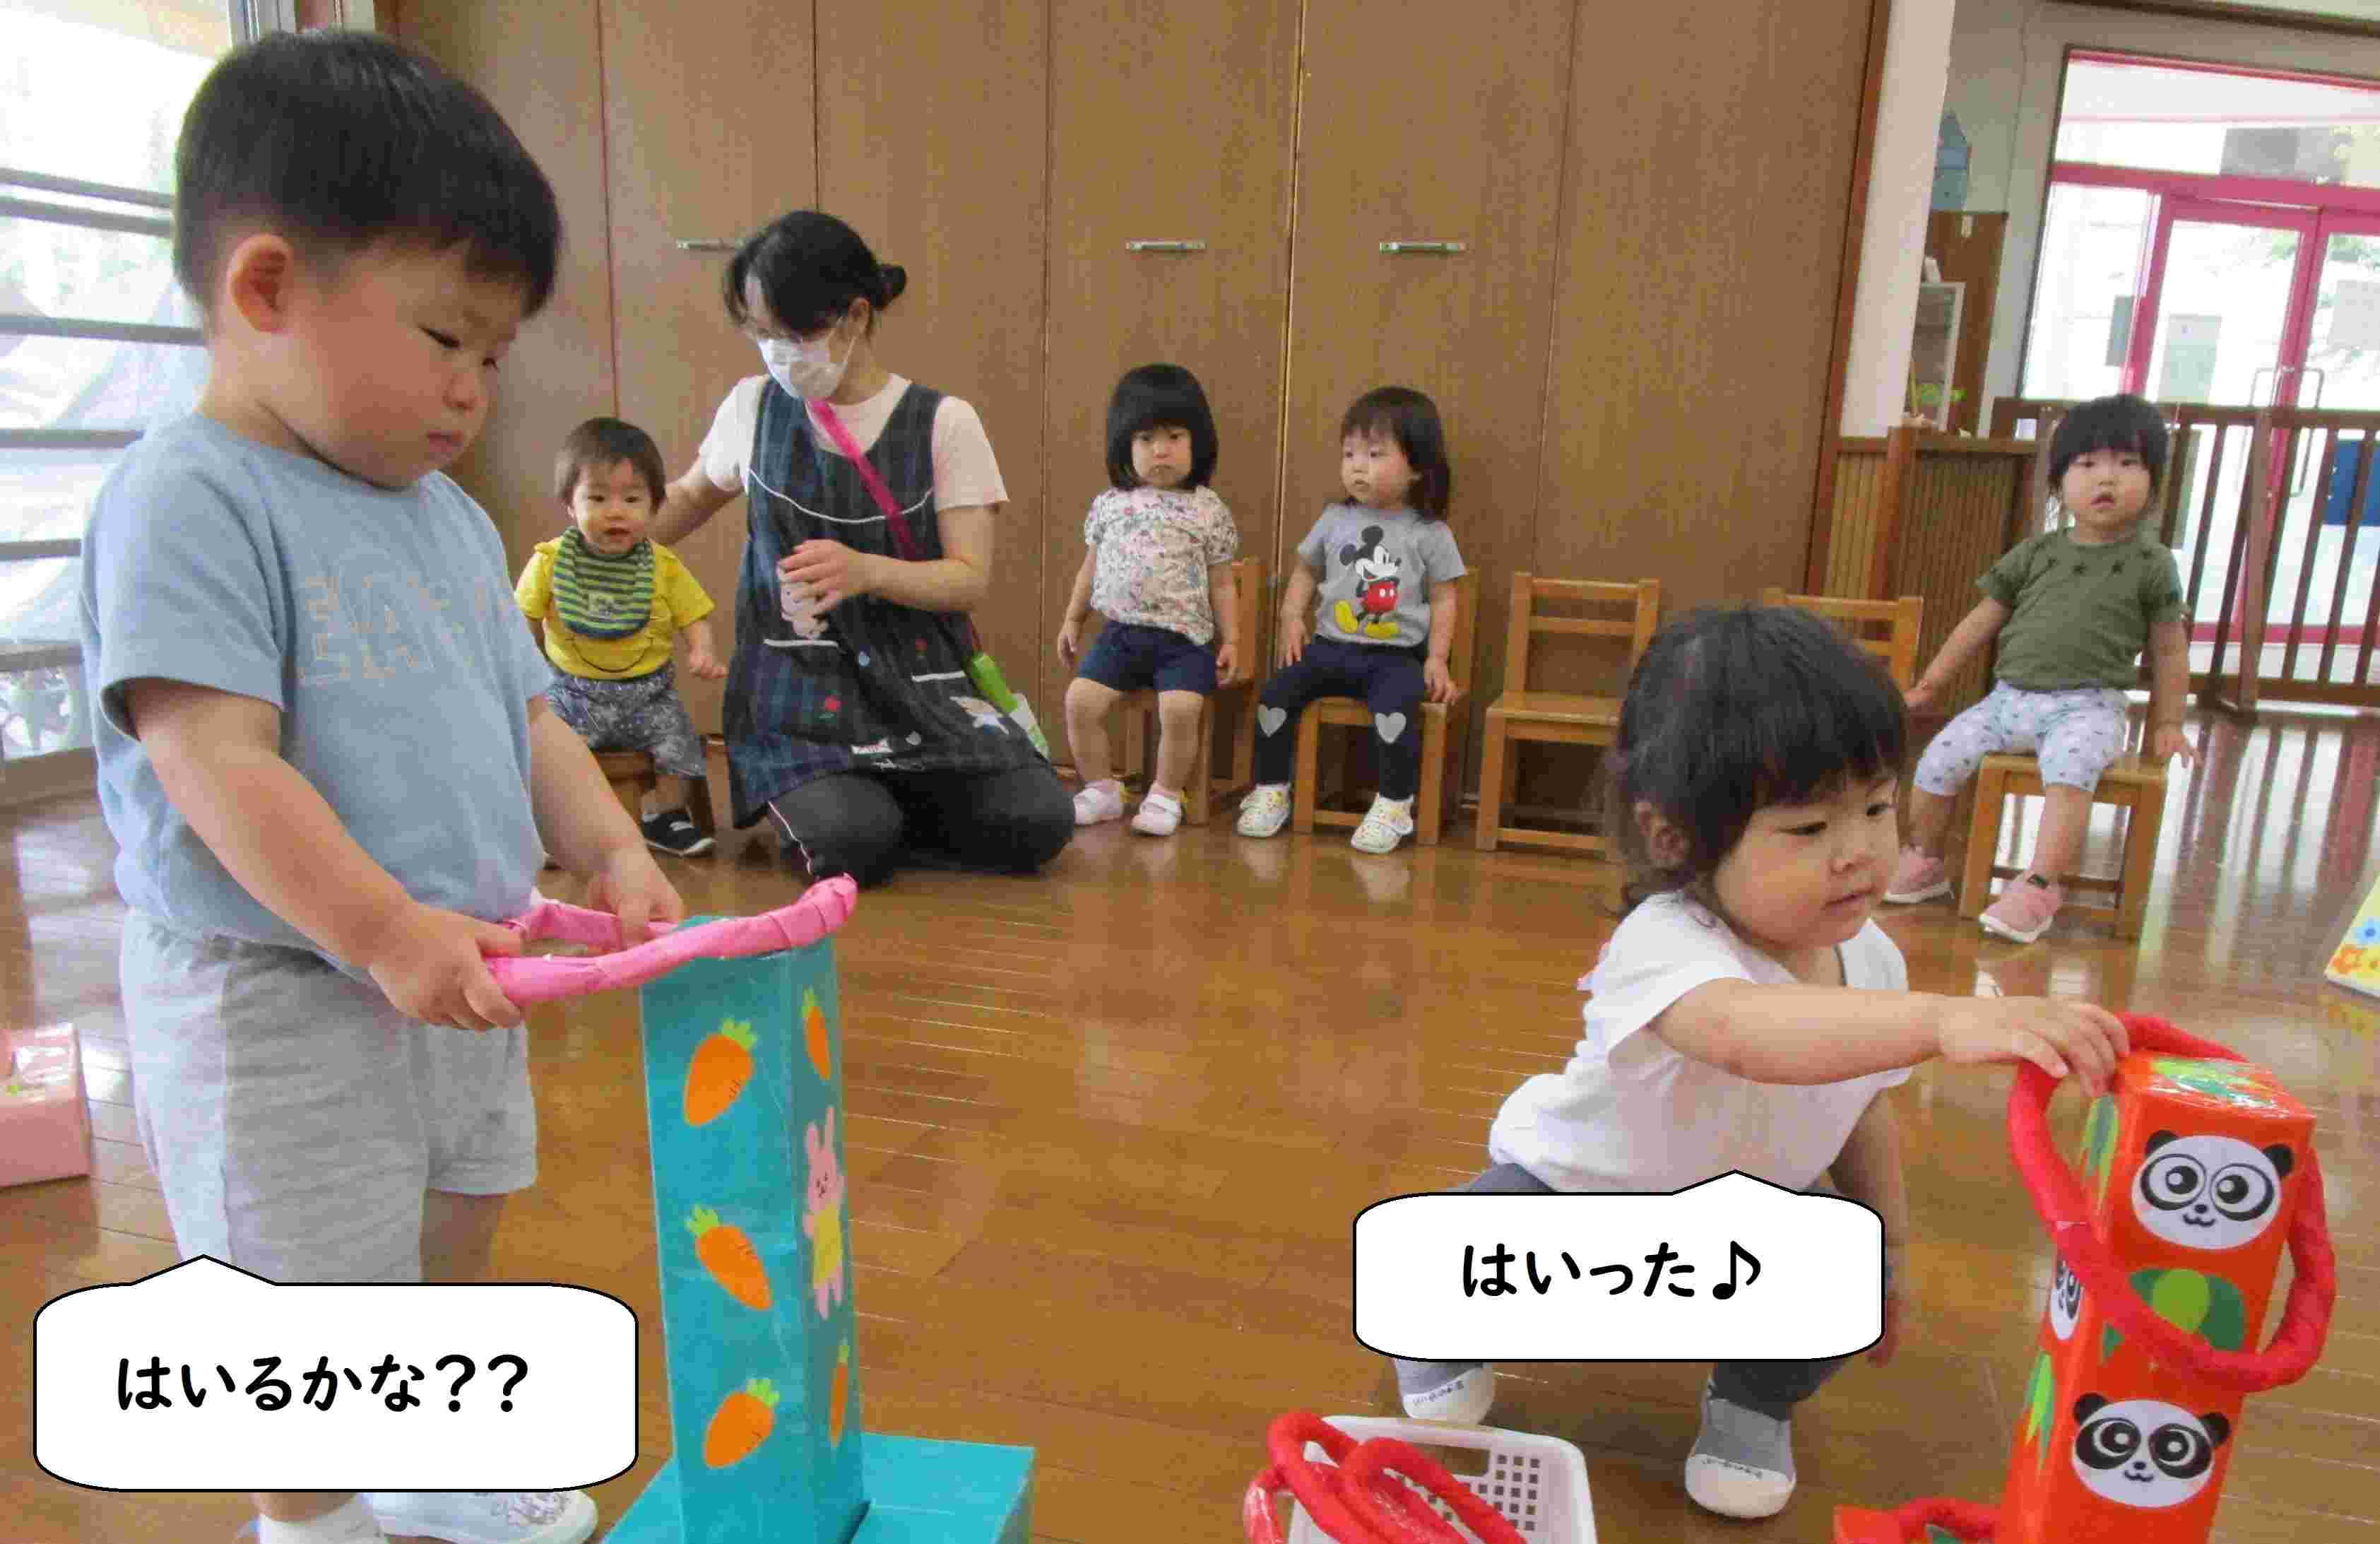 わなげをする男の子と女の子 その後ろで順番を待つ一歳児